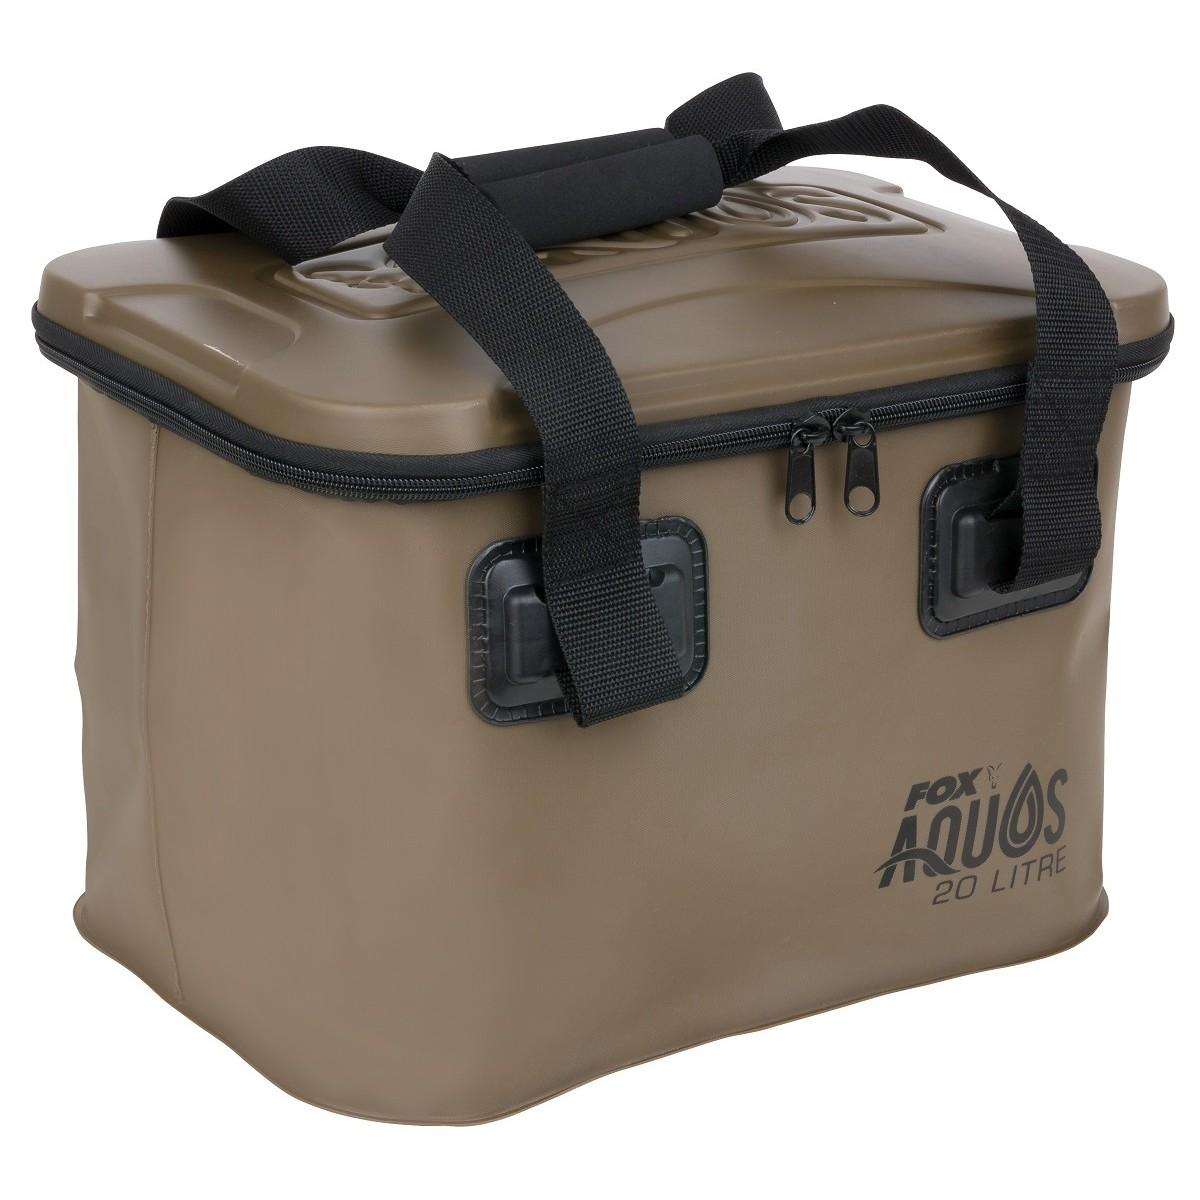 Чанта Fox Aquos EVA Bags 20L